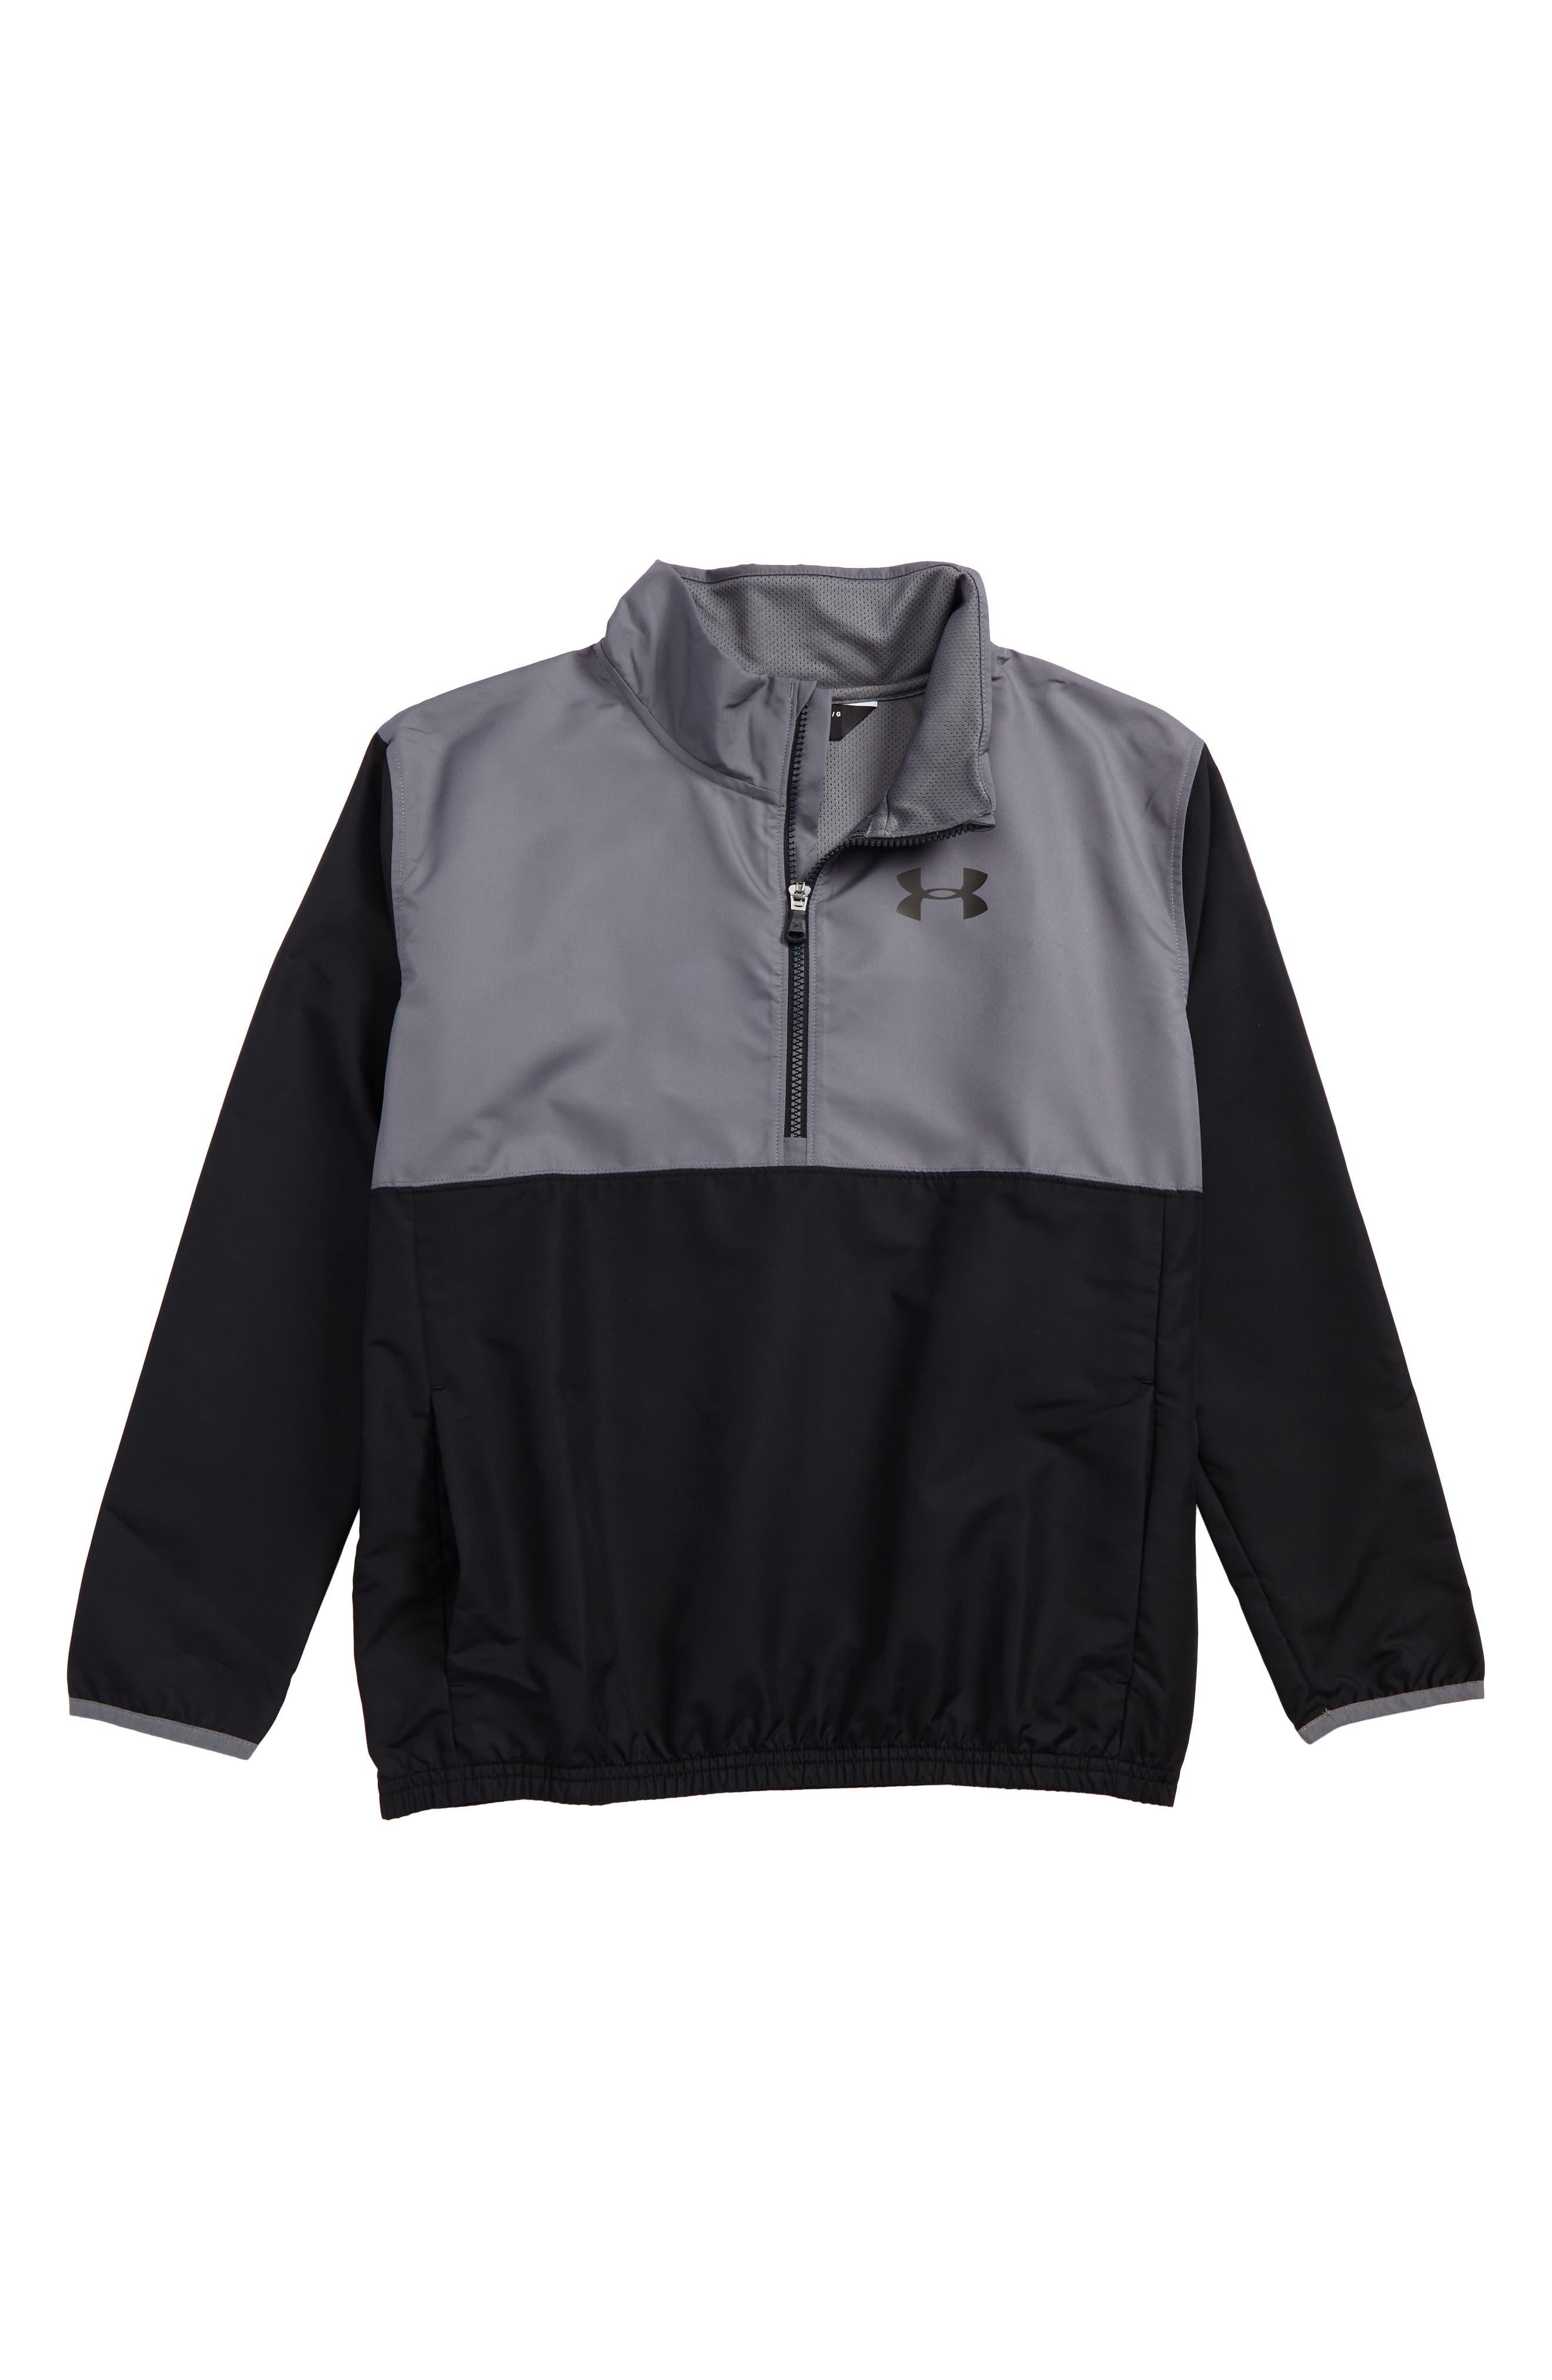 Train to Game Half Zip Pullover,                         Main,                         color, Black/ Graphite